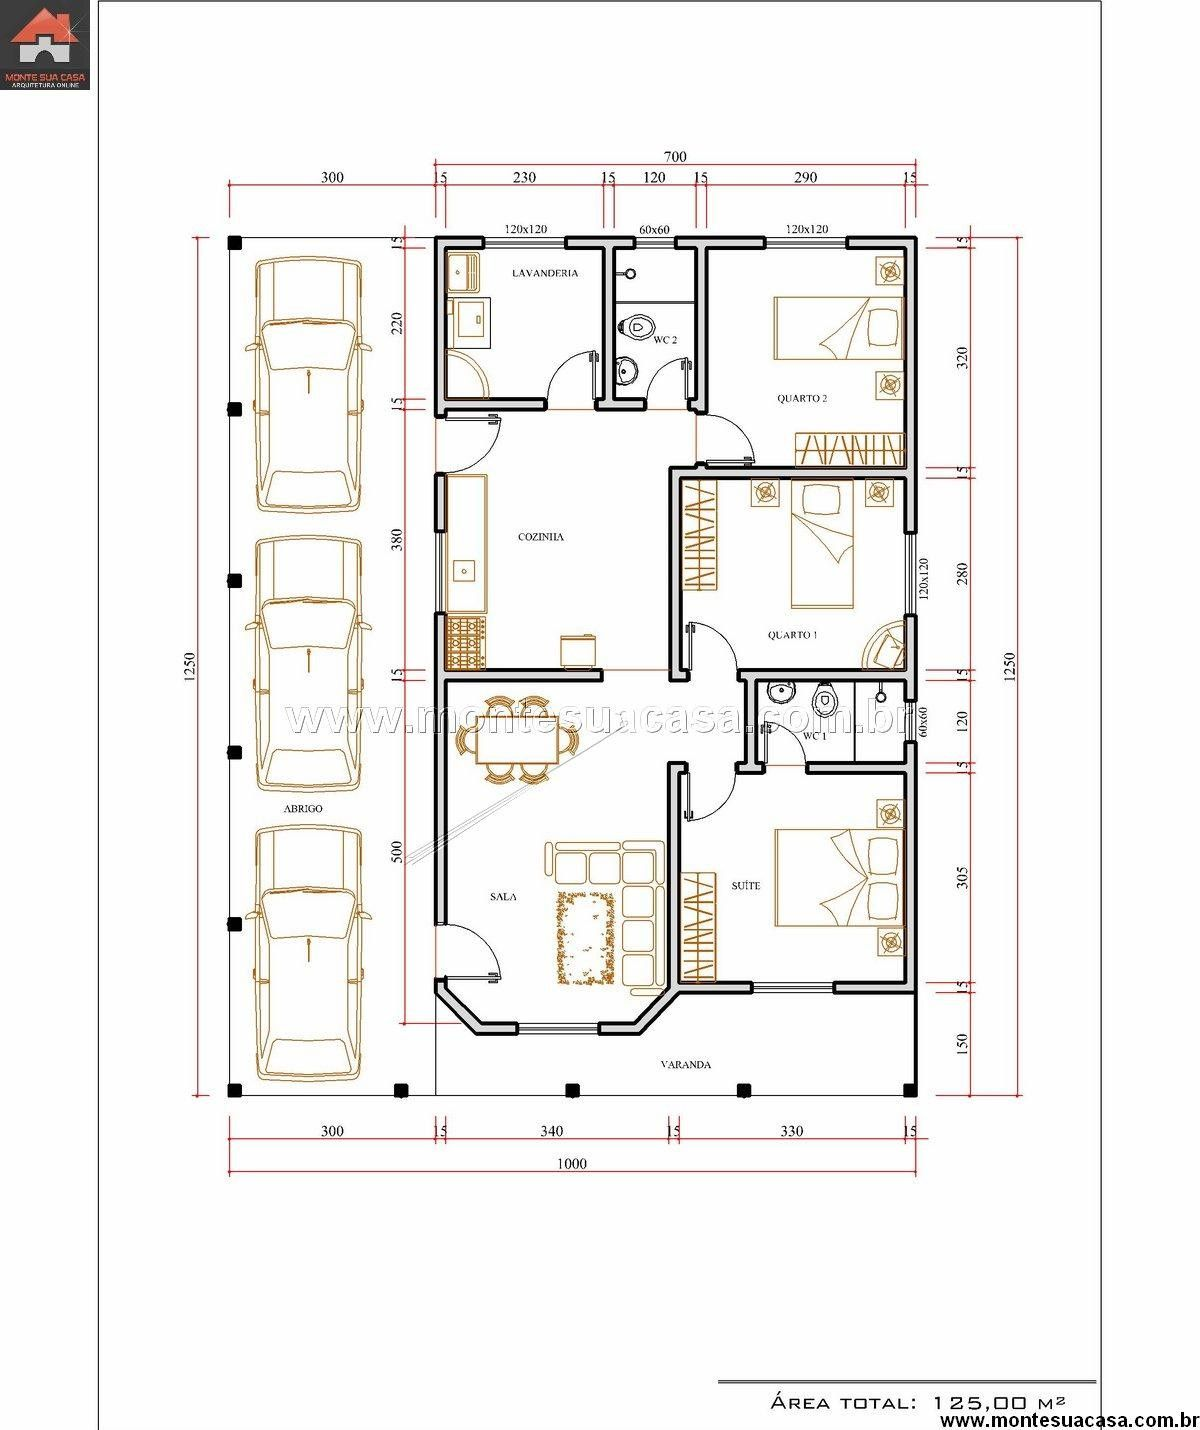 Modelo de casas de 3 quartos mi nueva meta la casa for Modelo de casa nueva